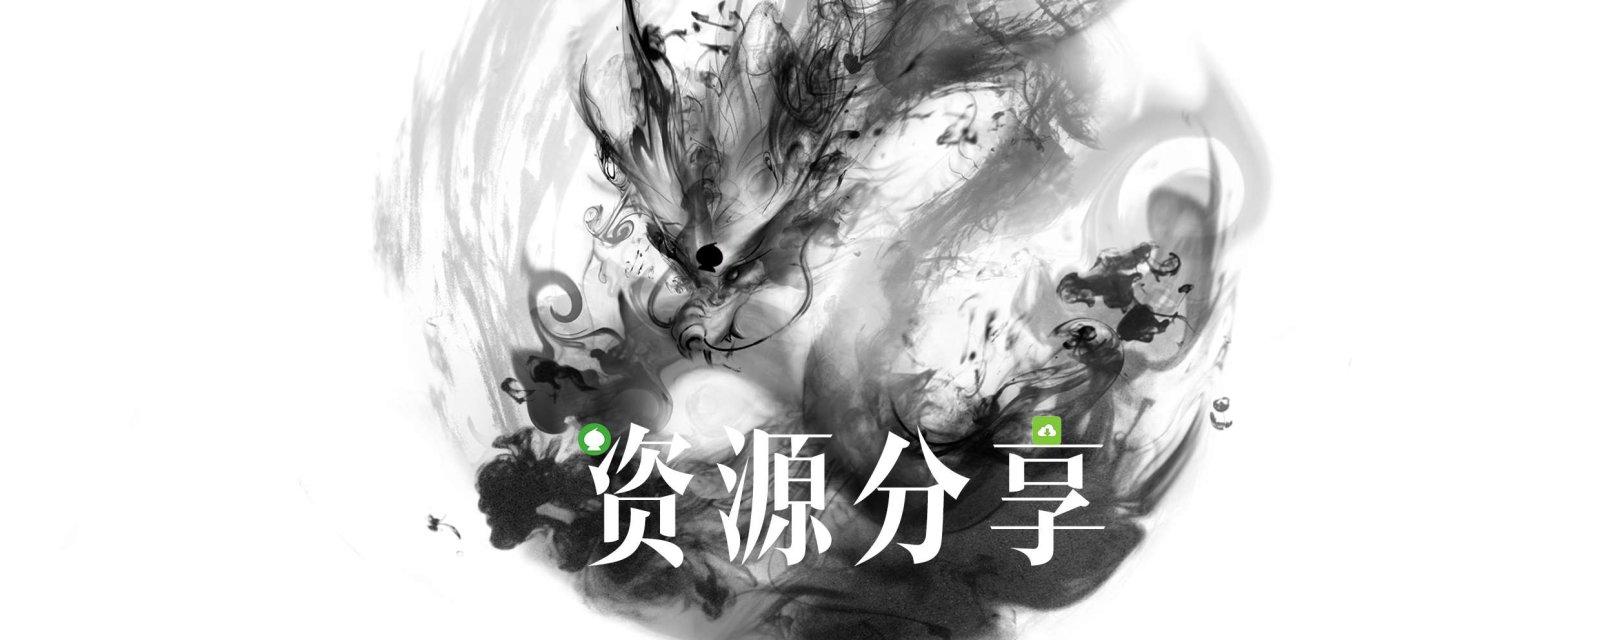 【资源分享】QQ活动盒子(超多工具/免费福利/活动)